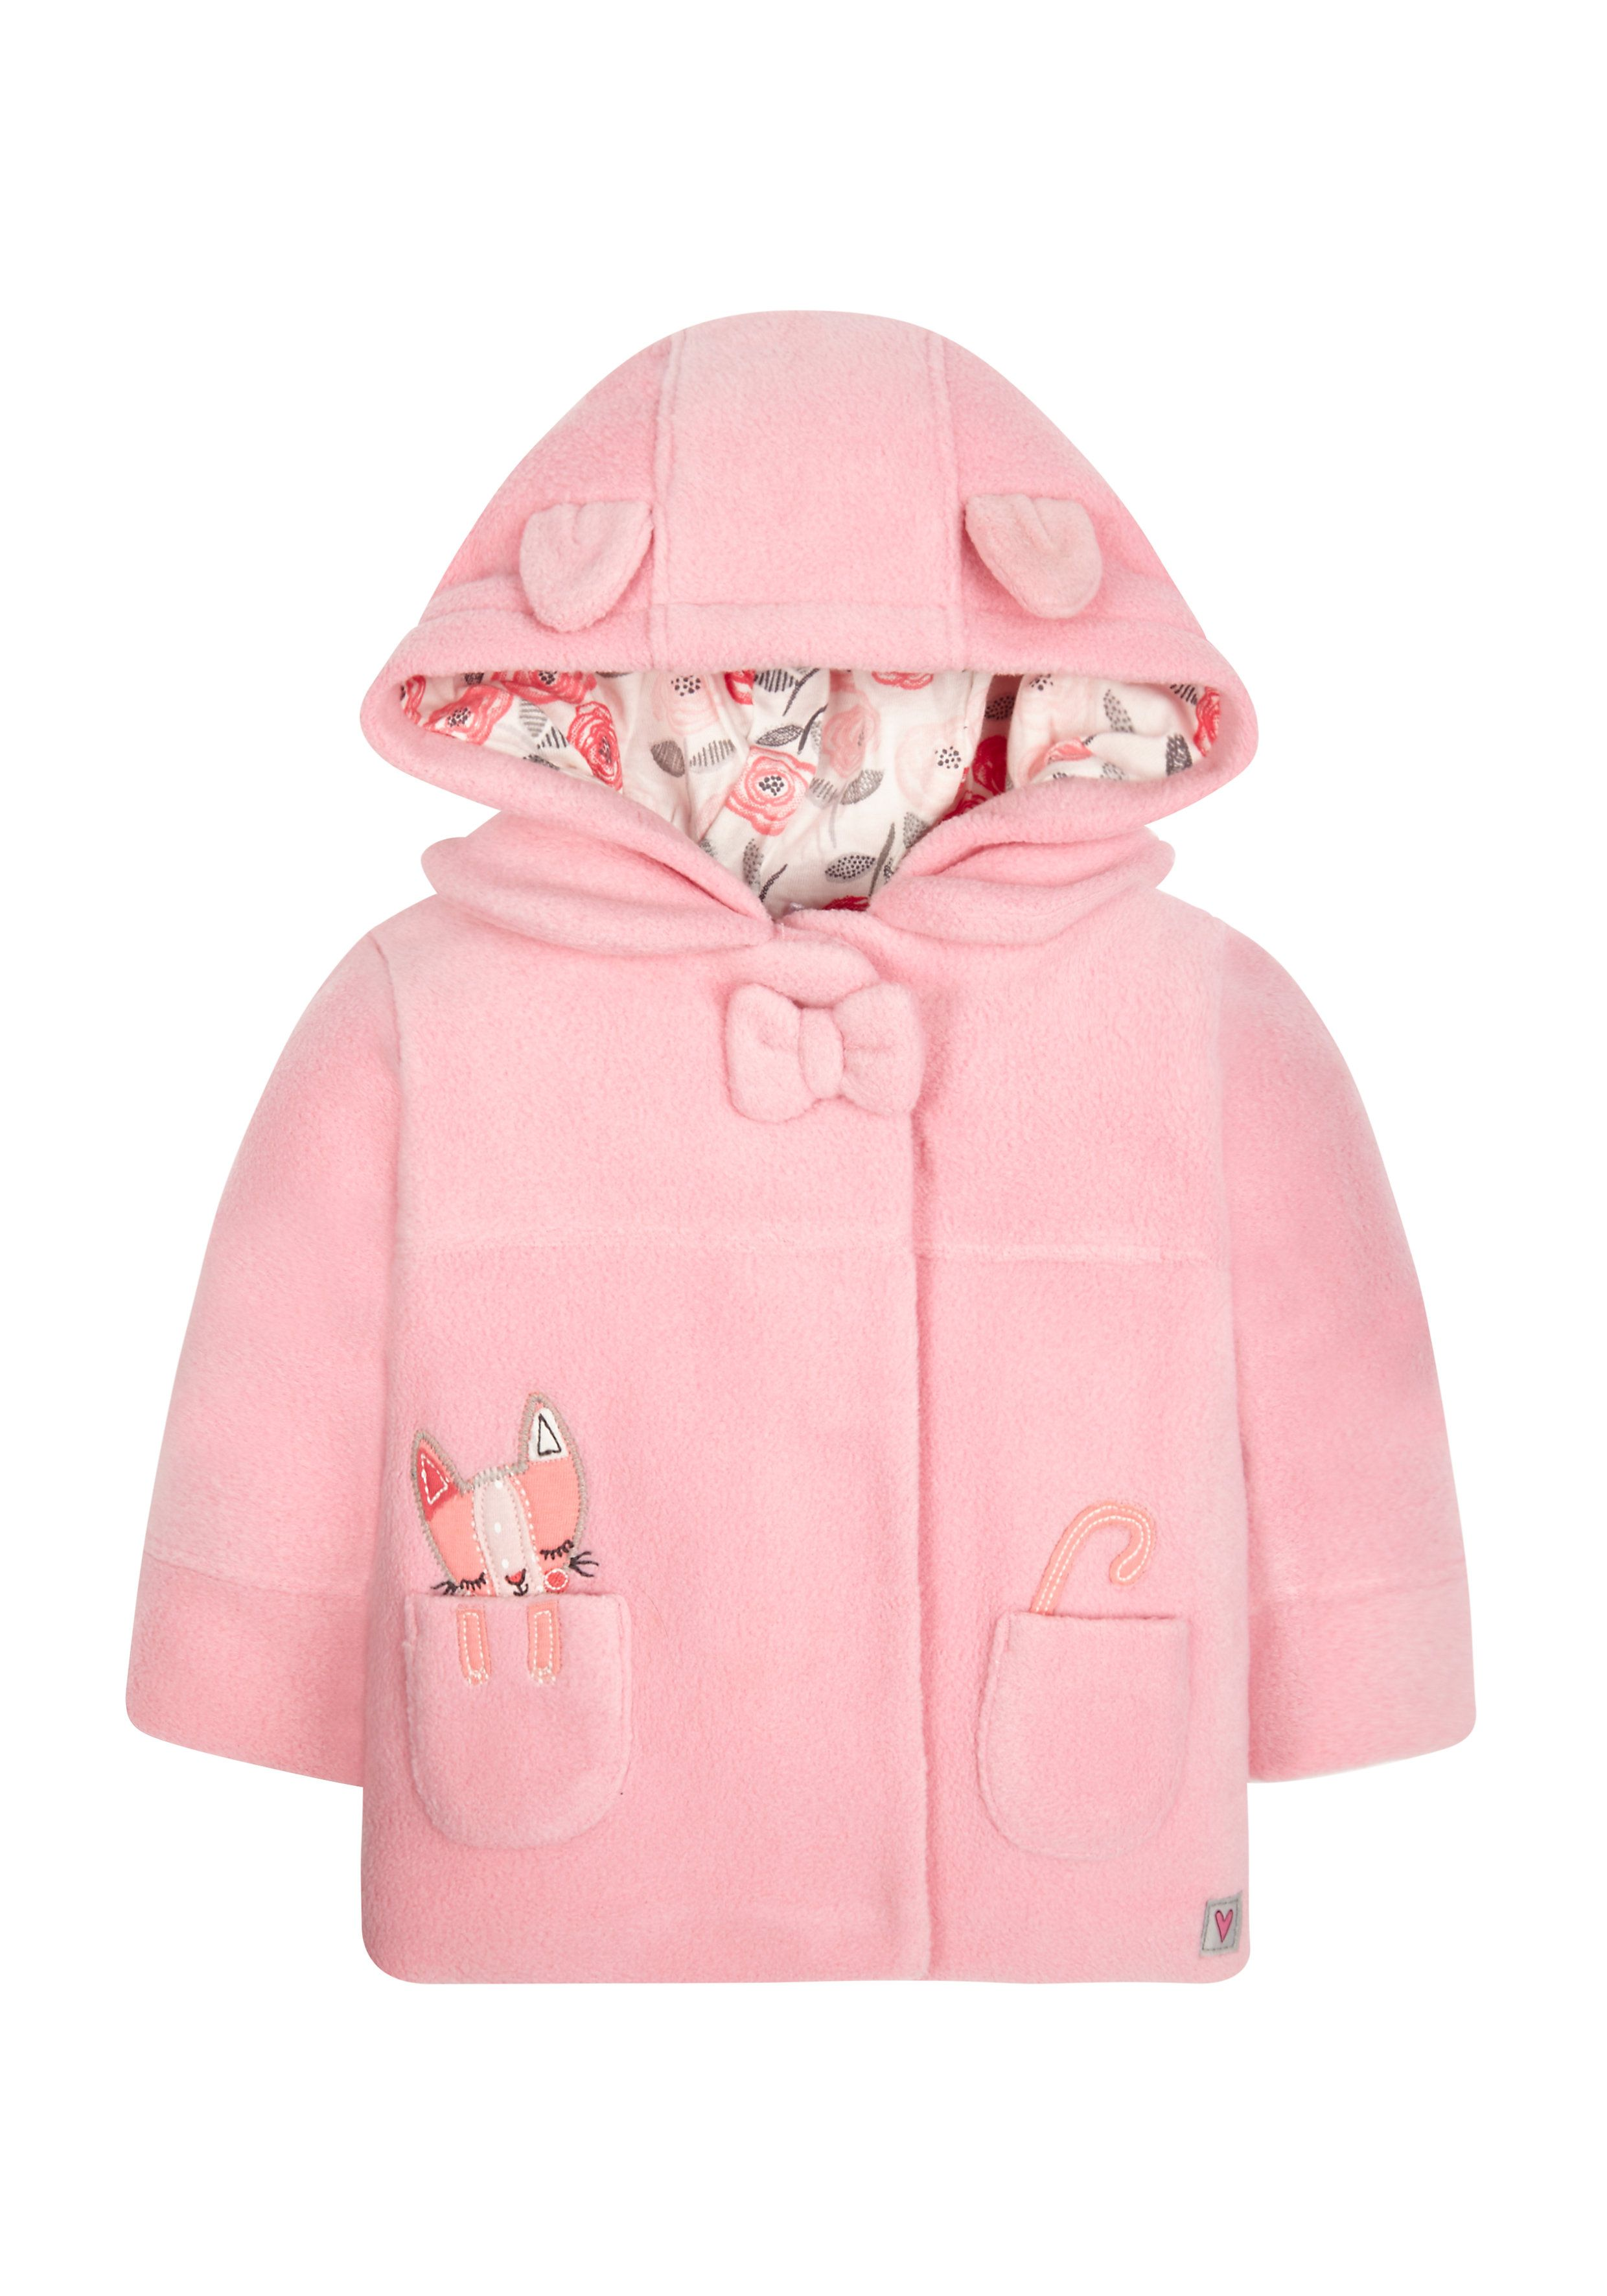 Mothercare   Pink Fleece Jacket